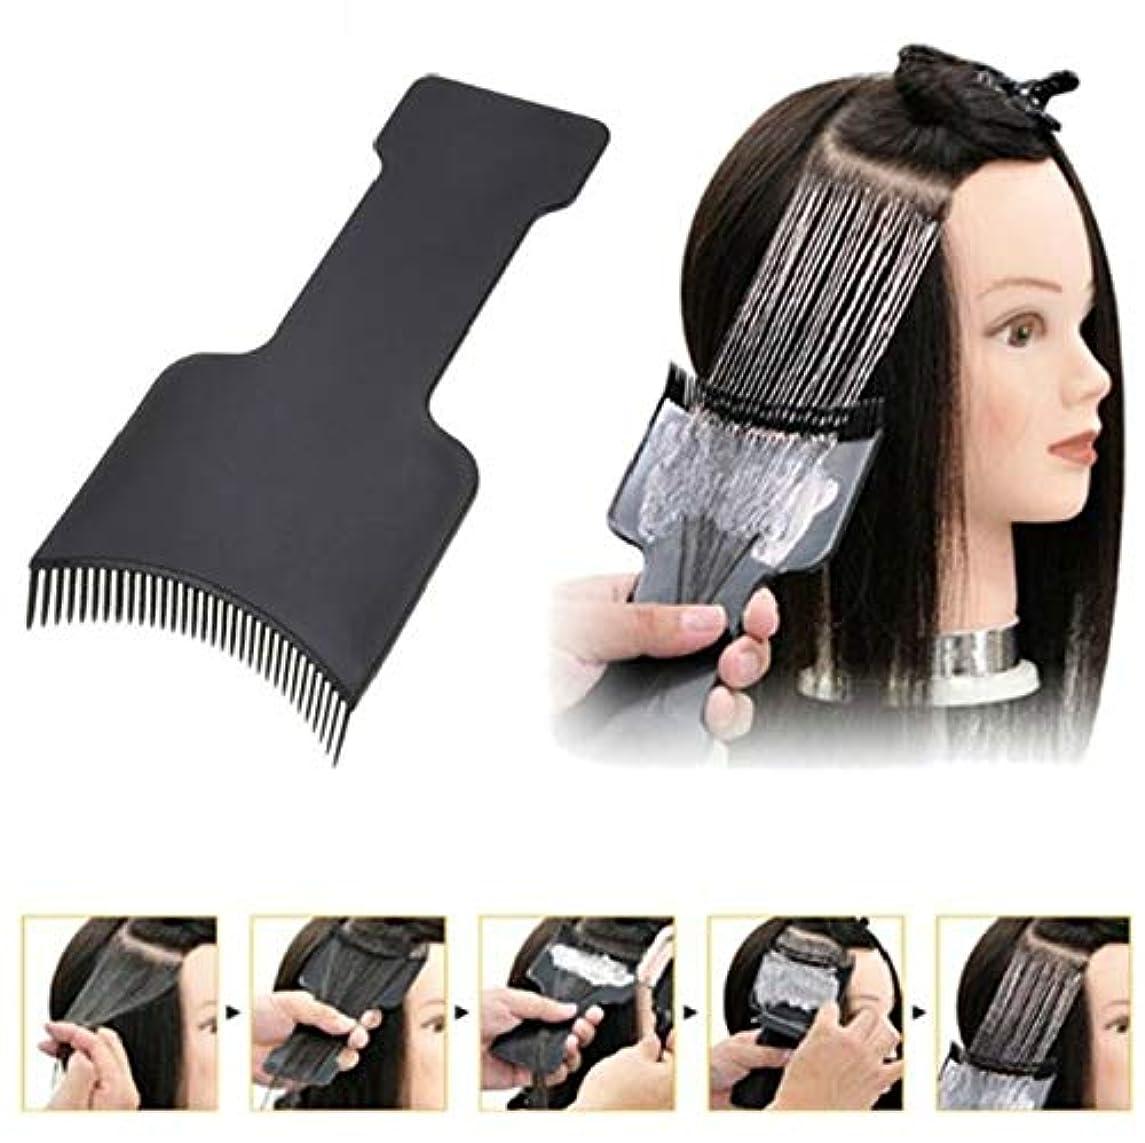 踏みつけ十分なアスリート2 Size/set Professional Fashion Hairdressing Hair Applicator Brush Dispensing Salon Hair Coloring Dyeing Pick...